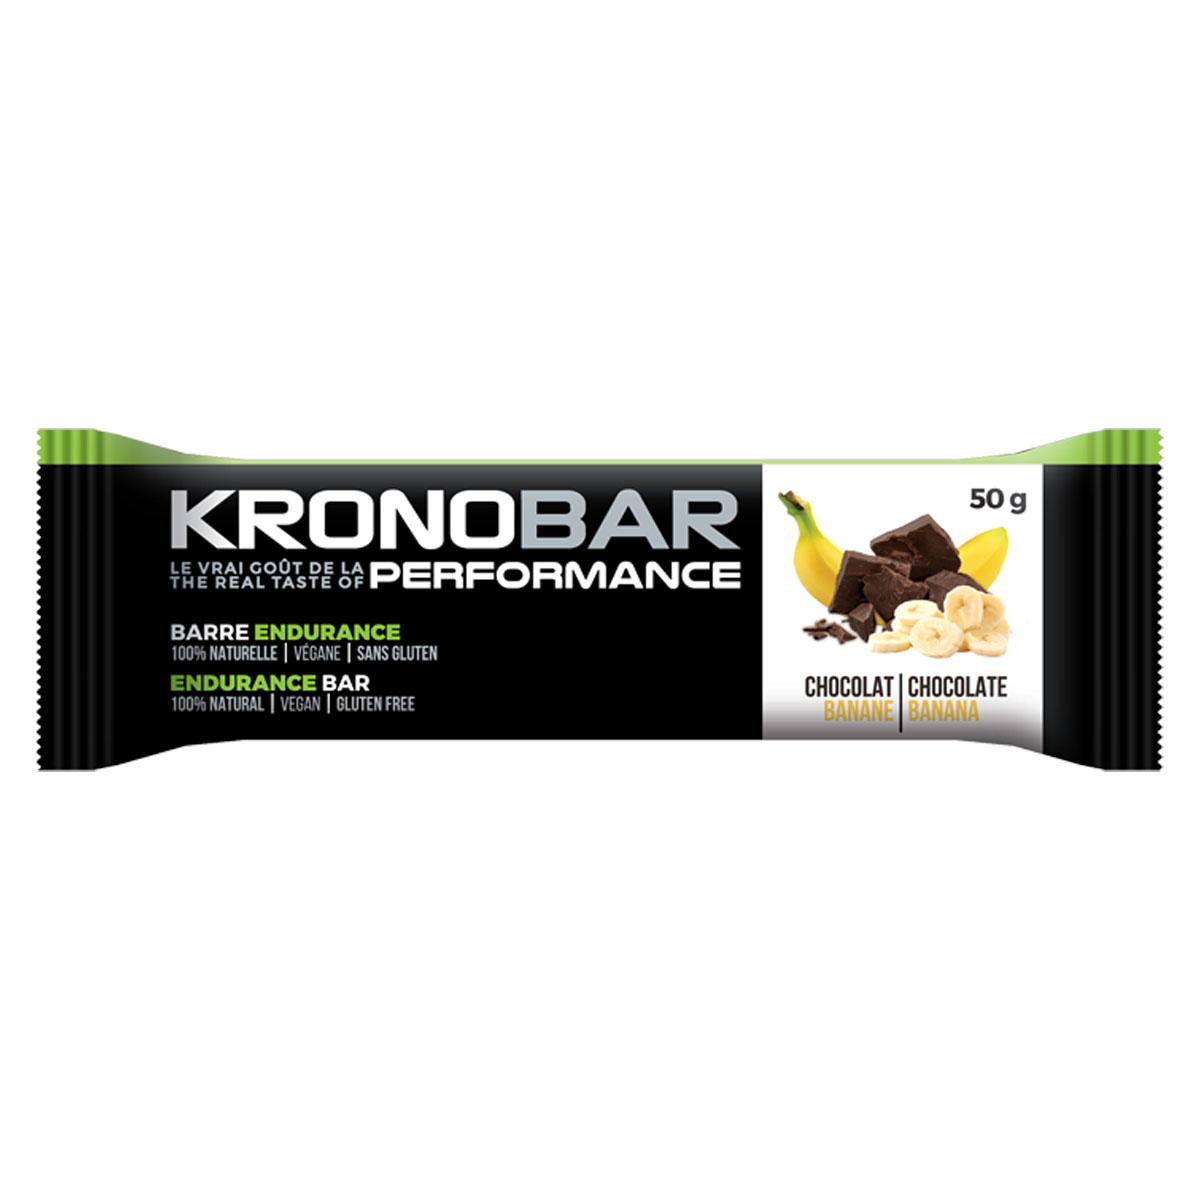 BARRE ENDURANCE KRONOBAR CHOCO/BANANE